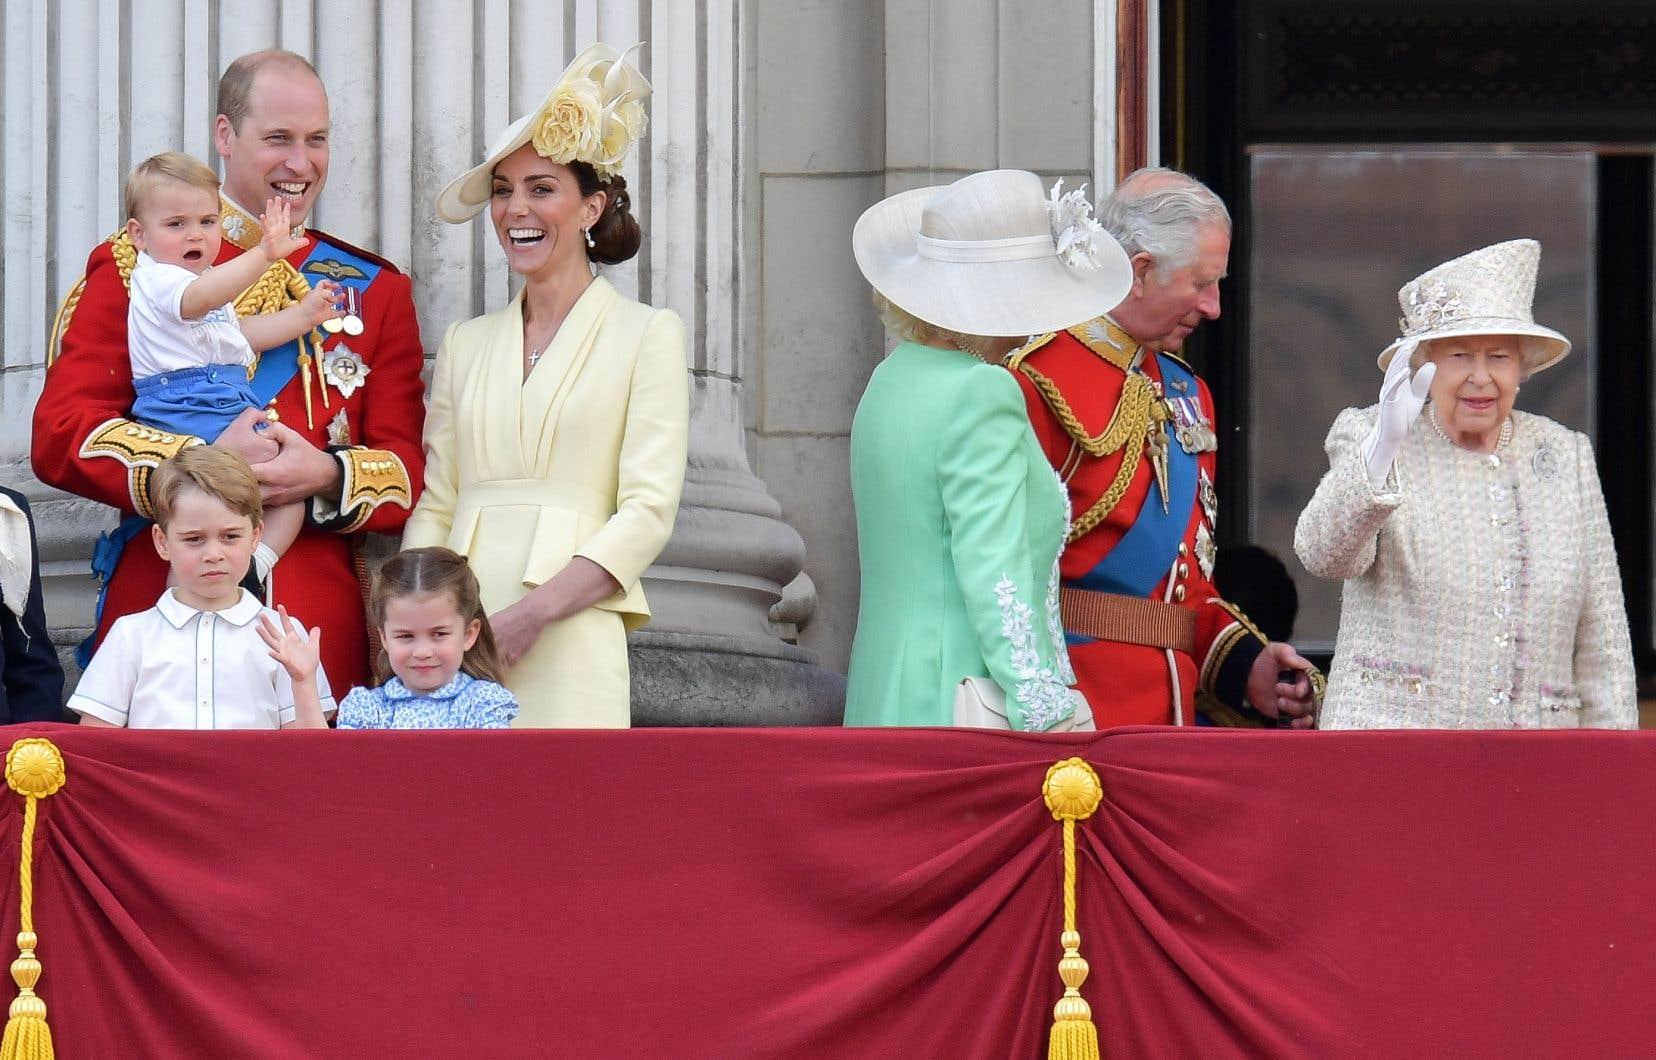 Seize des cinquante-trois membres du Commonwealth conservent Élisabeth II (à droite) comme cheffe d'État, ce qui fait de la monarchie britannique la seule monarchie multinationale.